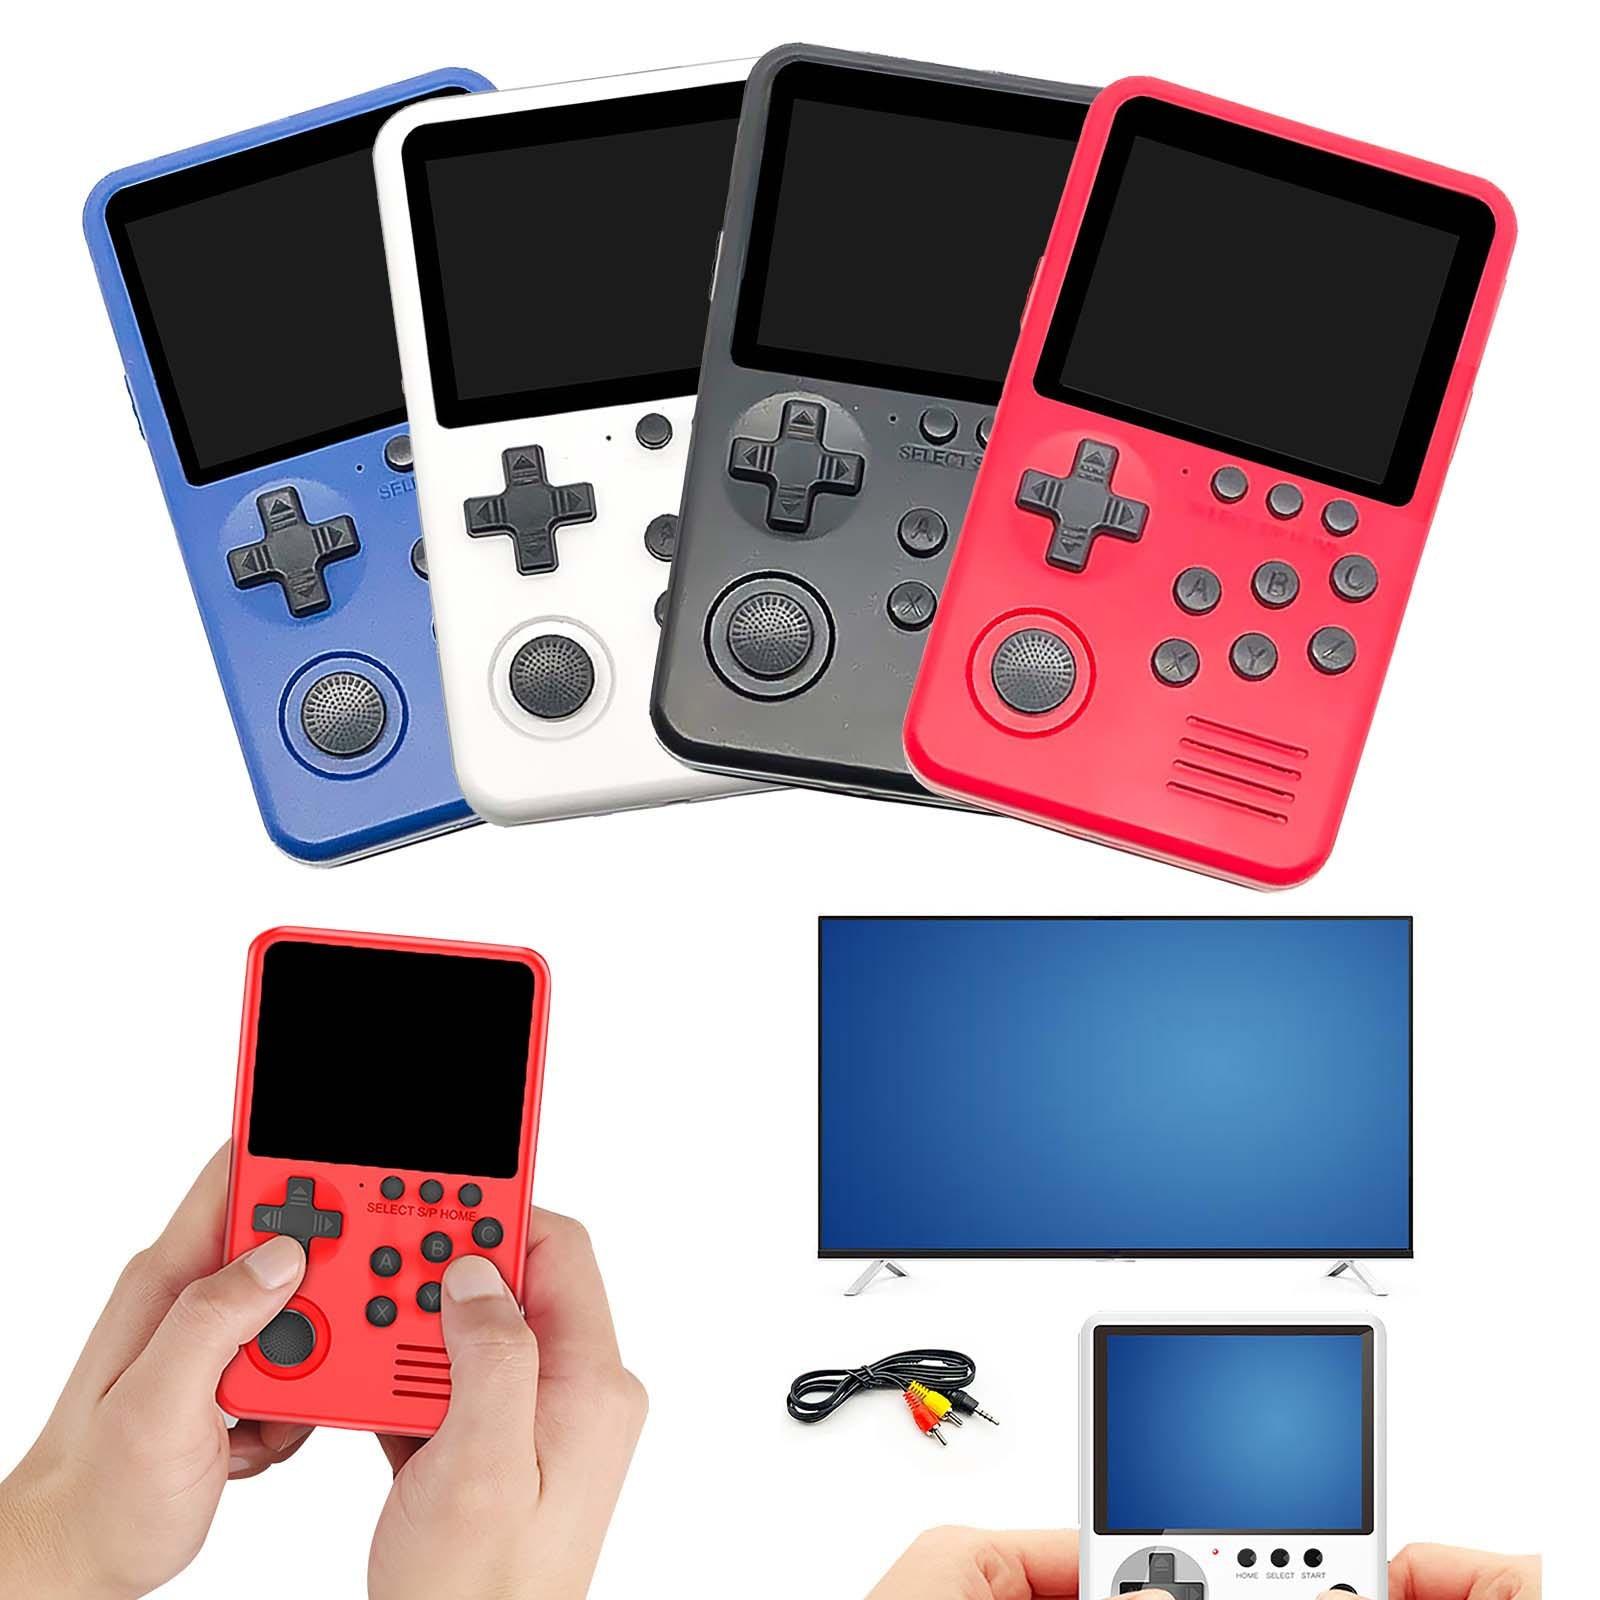 M3s Mini joueurs de jeu portables 1500 + jeux 16 bits rétro Console de jeu vidéo intelligente avec carte 4g Tf pour enfants cadeau #4